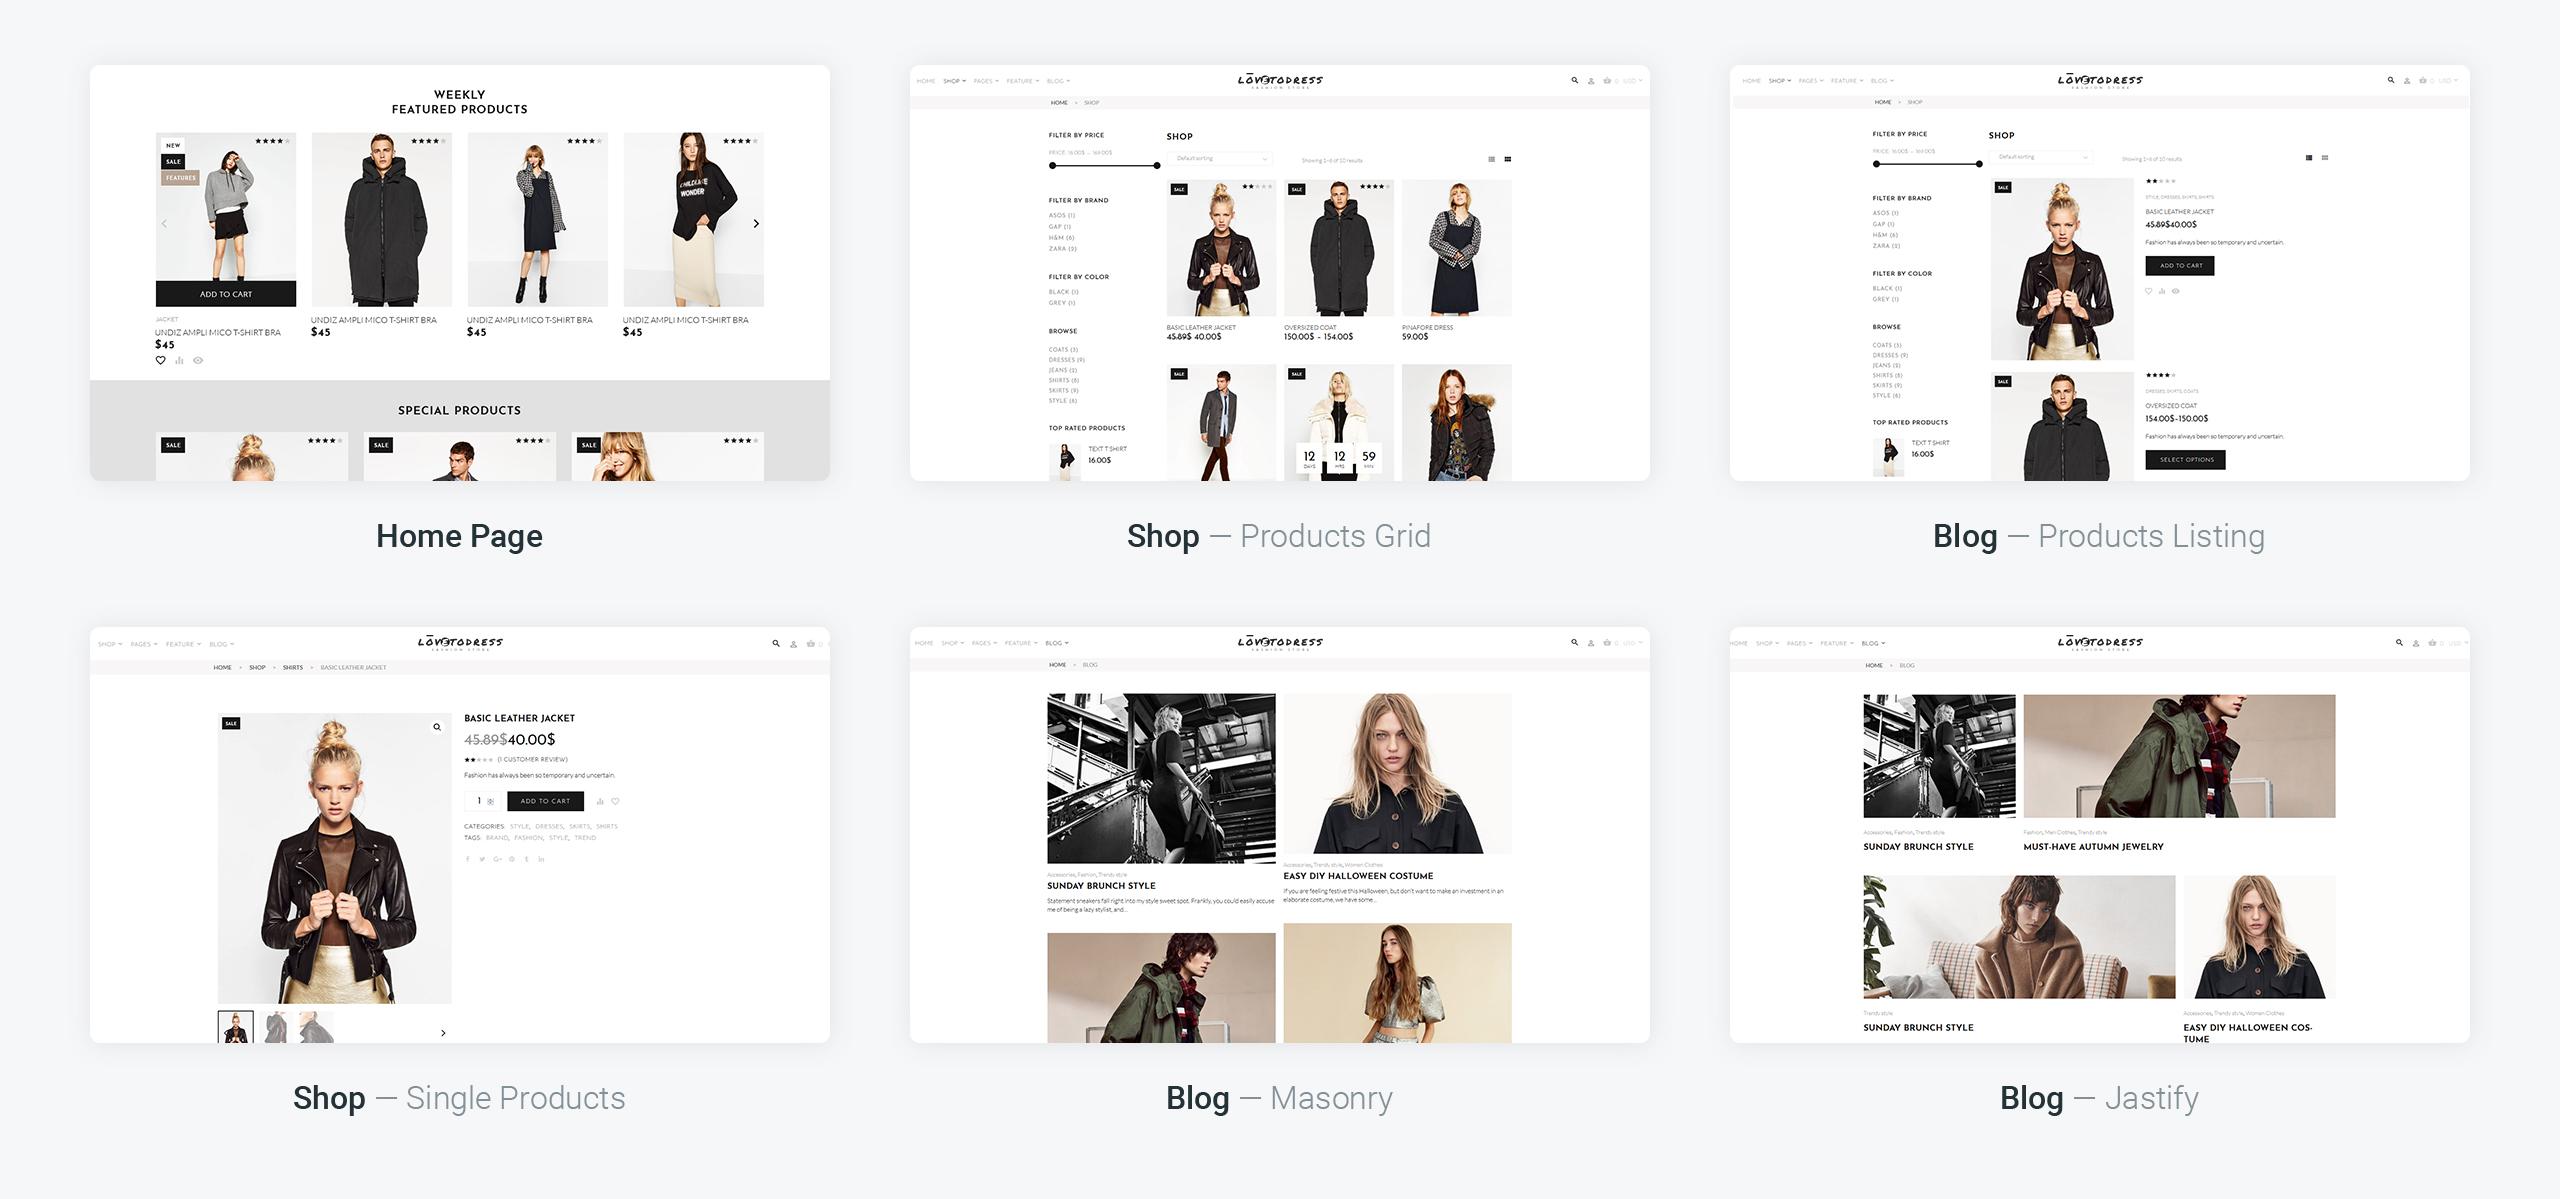 Website Design Template 67288 - creative design